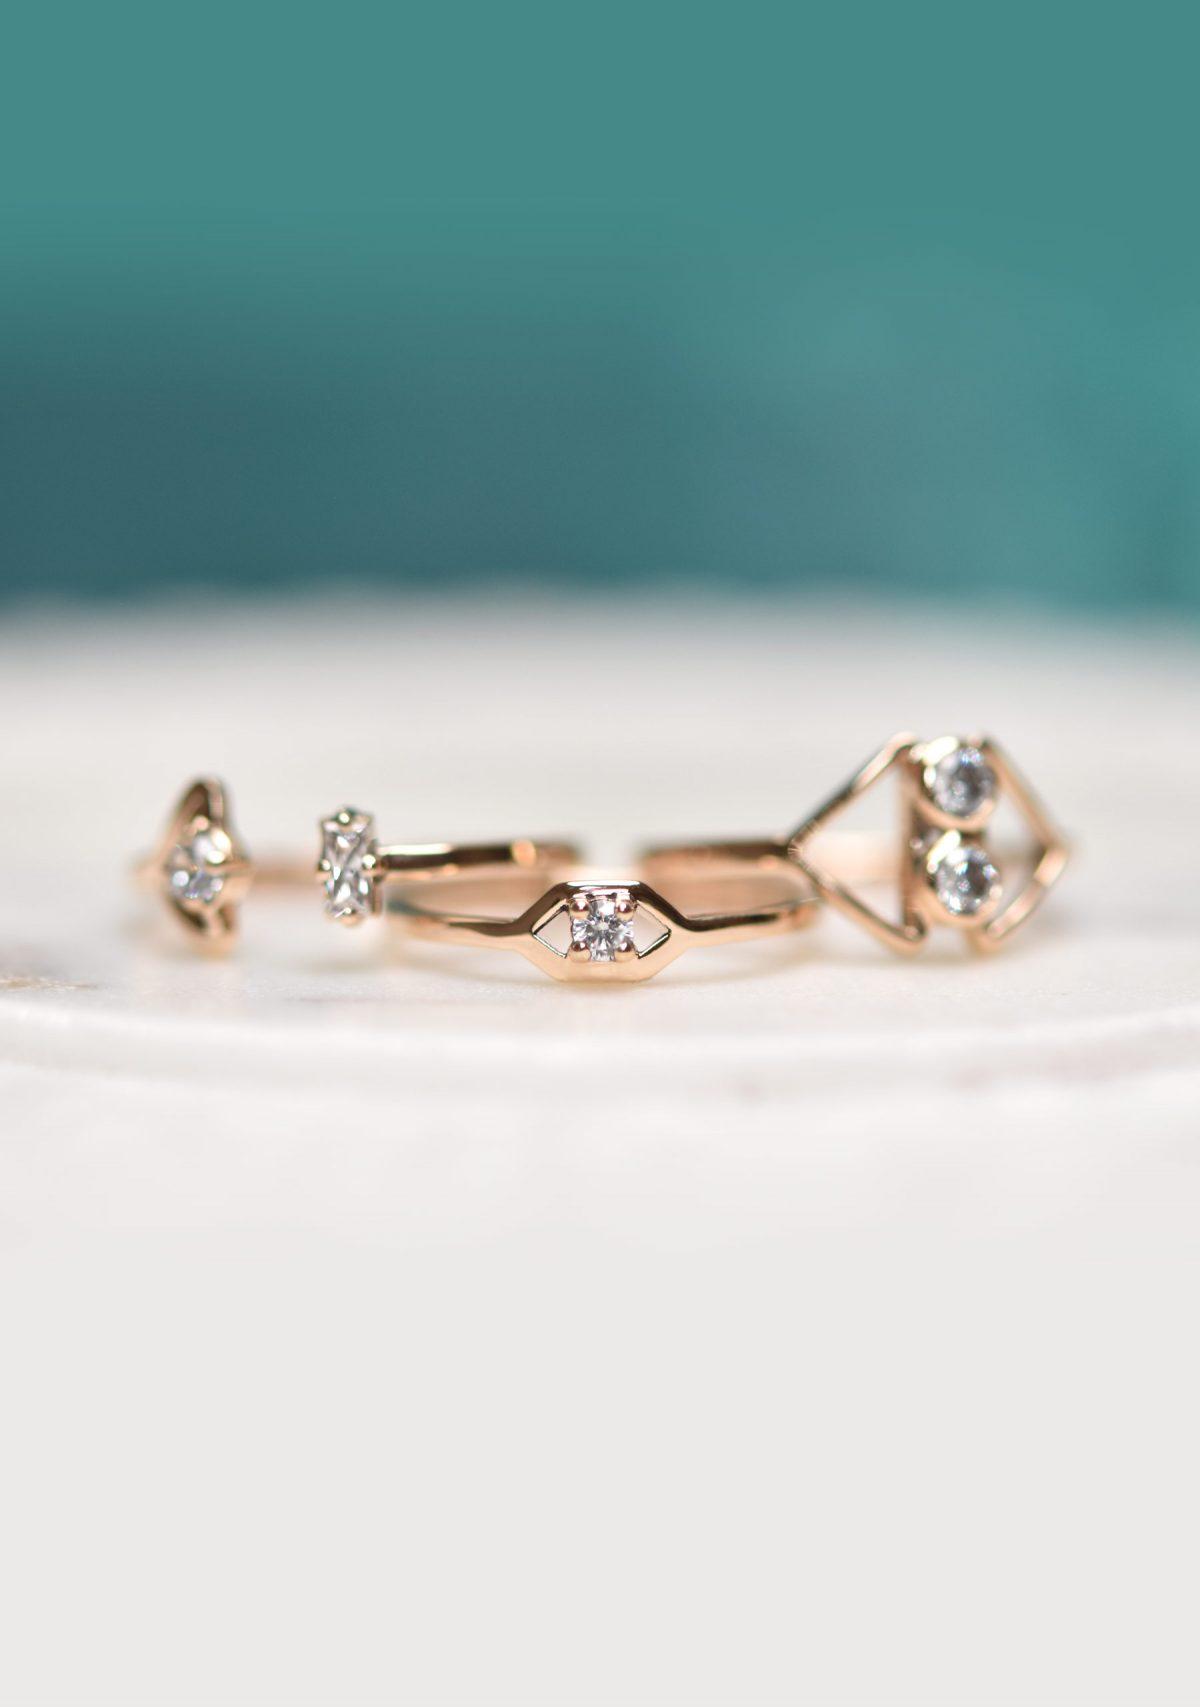 10k Gold Diamond Stacking Rings